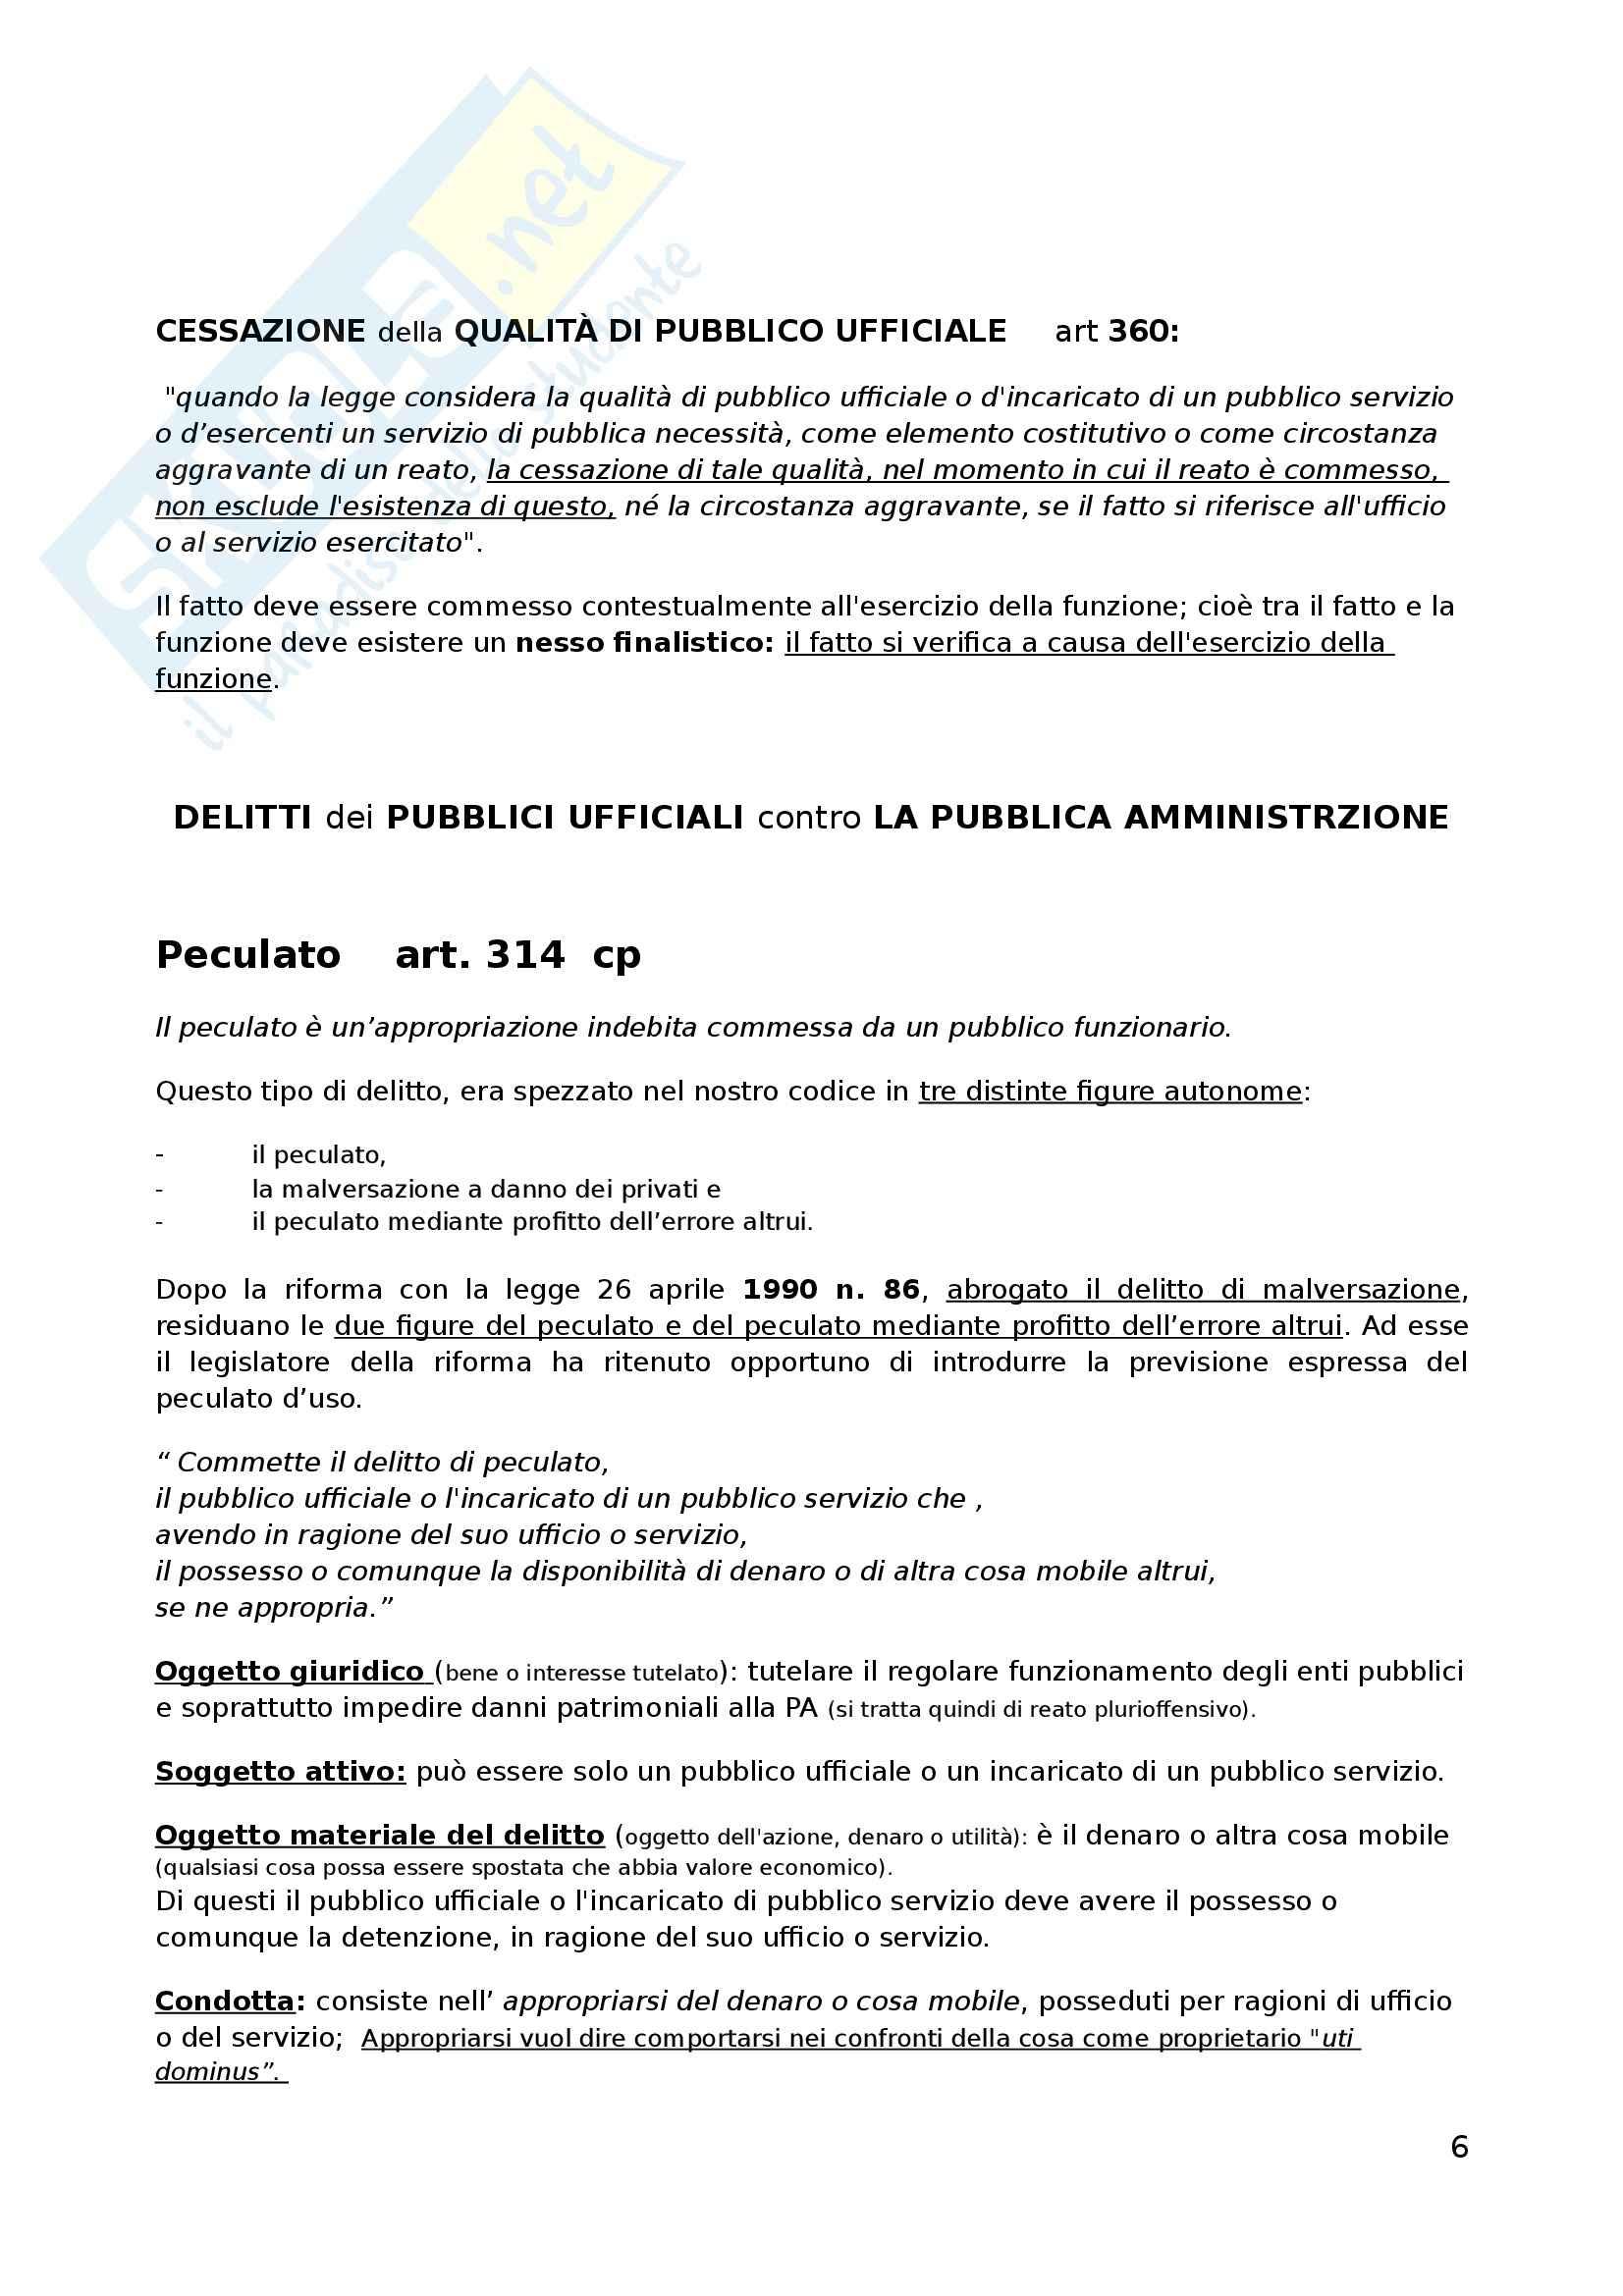 Riassunto esame Diritto Penale, prof. D'Ascola, libro consigliato I Delitti Contro la Pubblica Amministrazione di Fiandaca e Musco Pag. 6